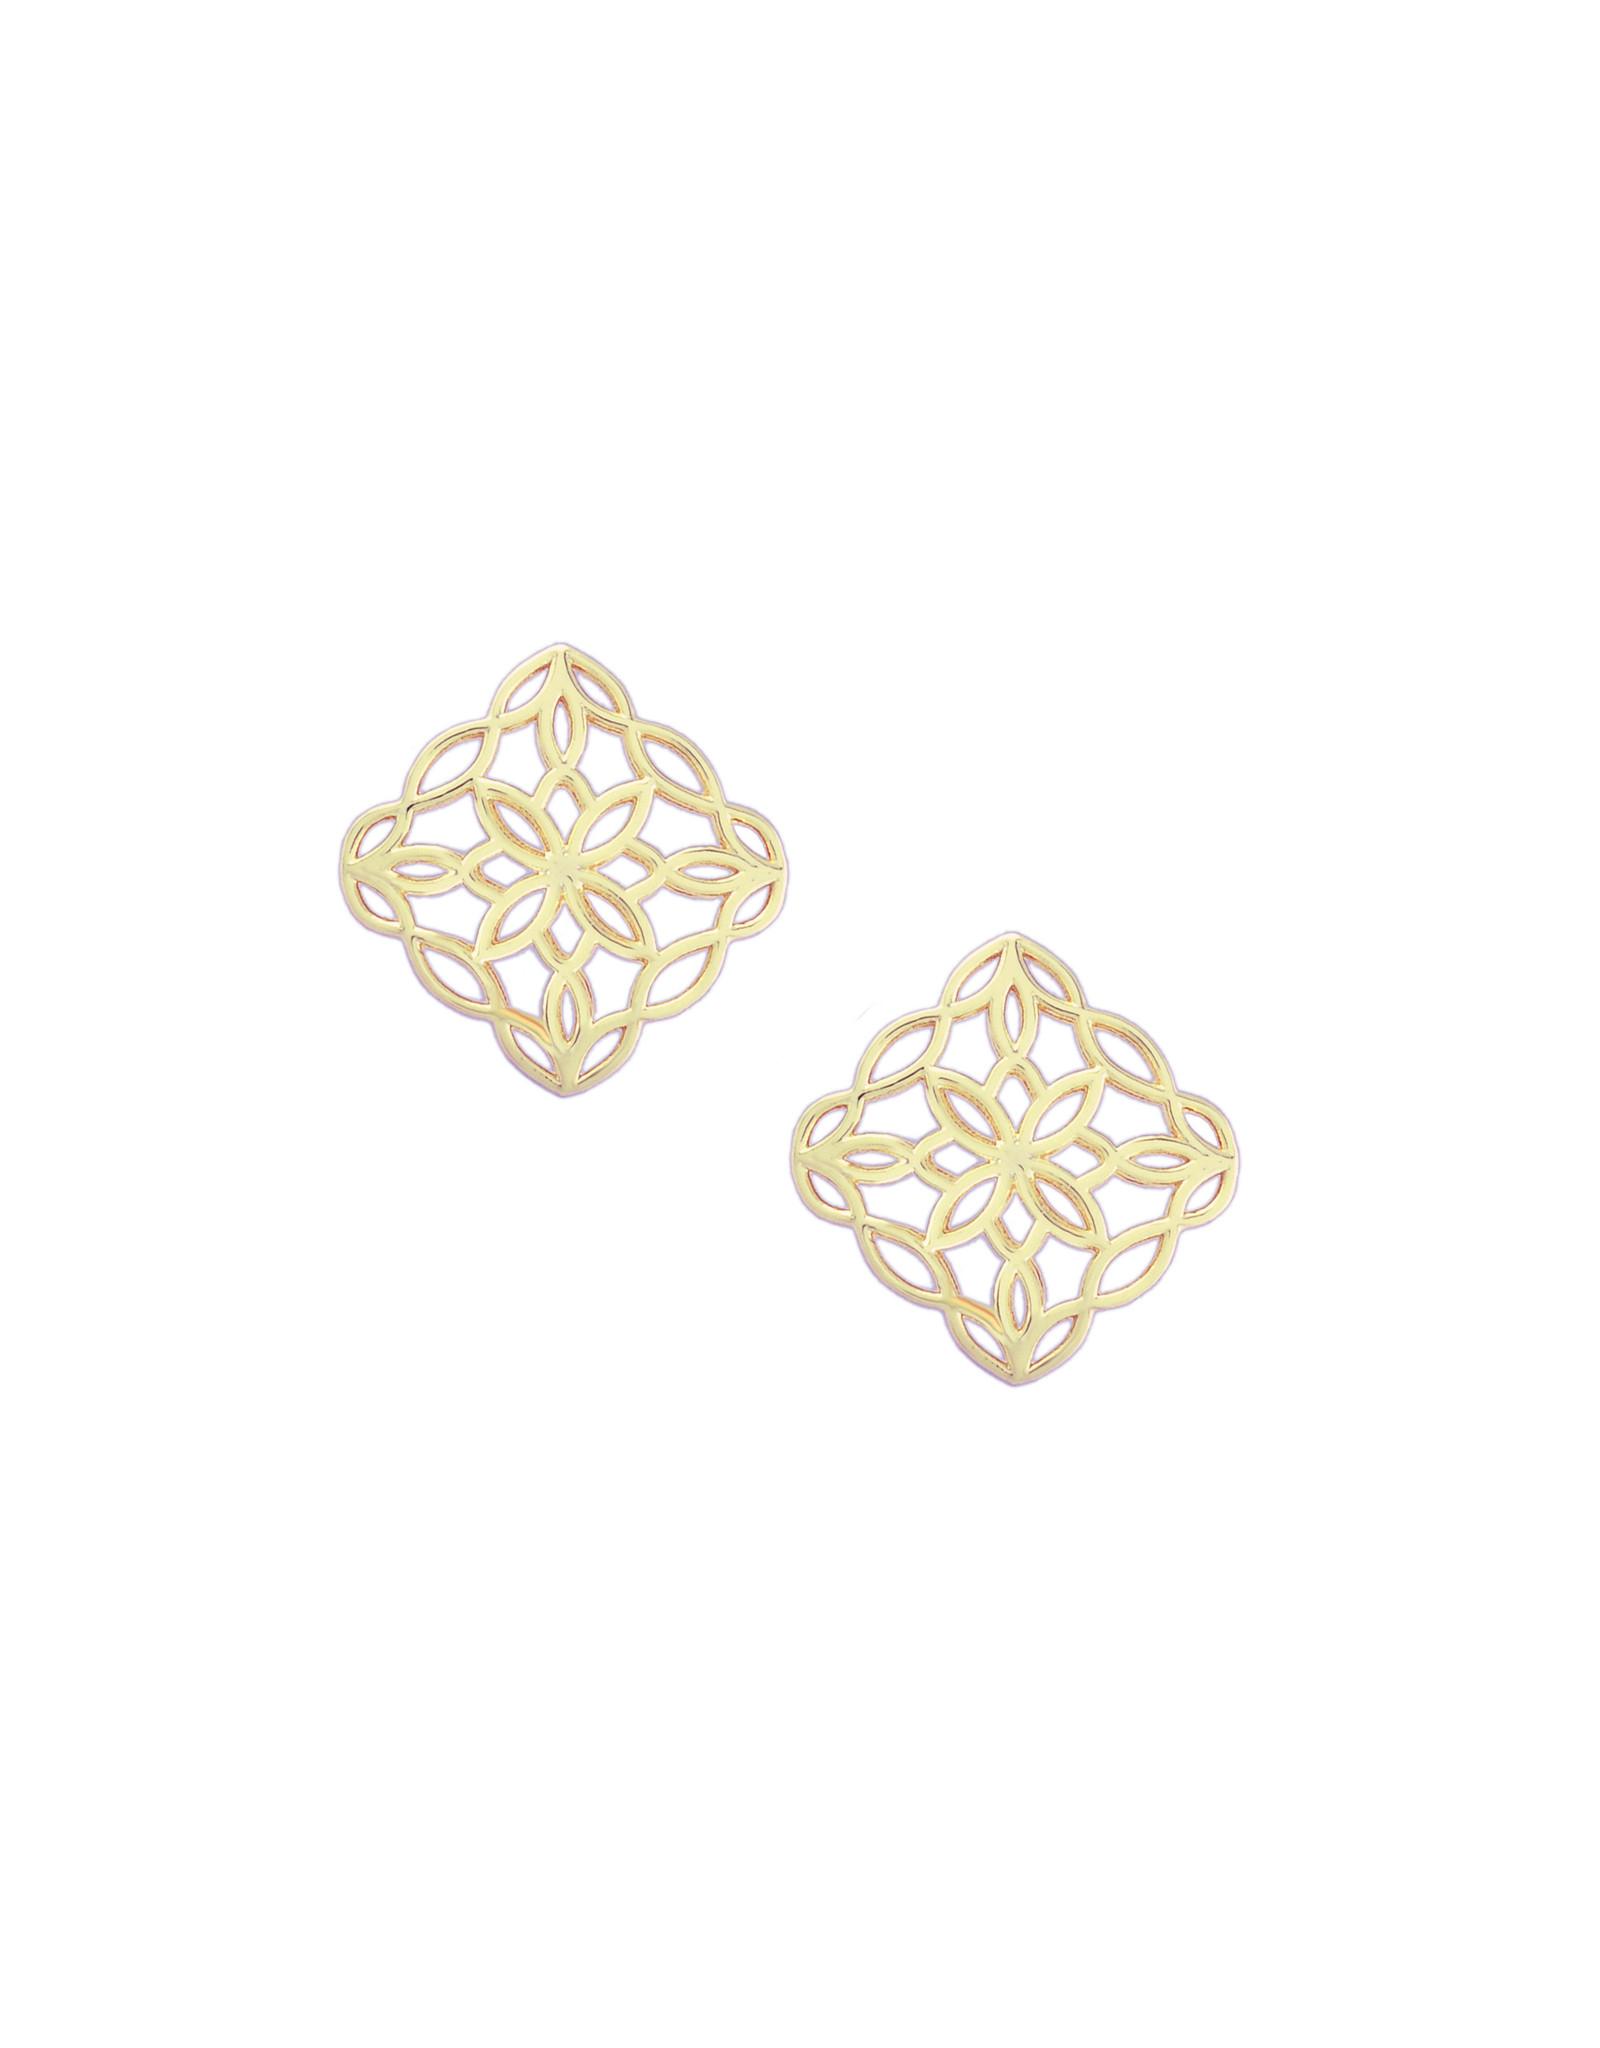 Natalie Wood Designs Bloom Stud Earrings - Gold